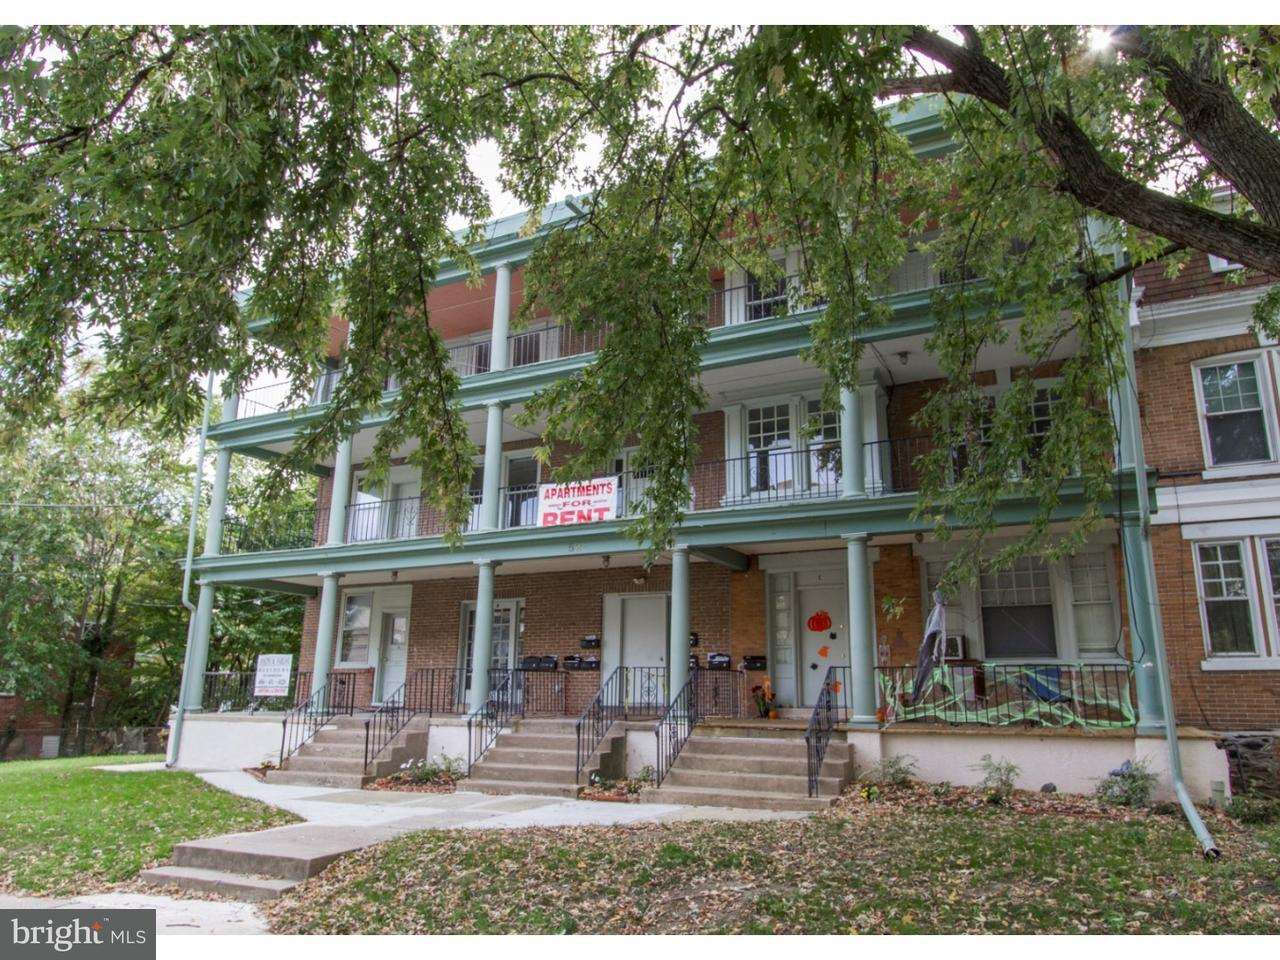 独户住宅 为 出租 在 52-54 E STRATFORD AVE #G Lansdowne, 宾夕法尼亚州 19050 美国